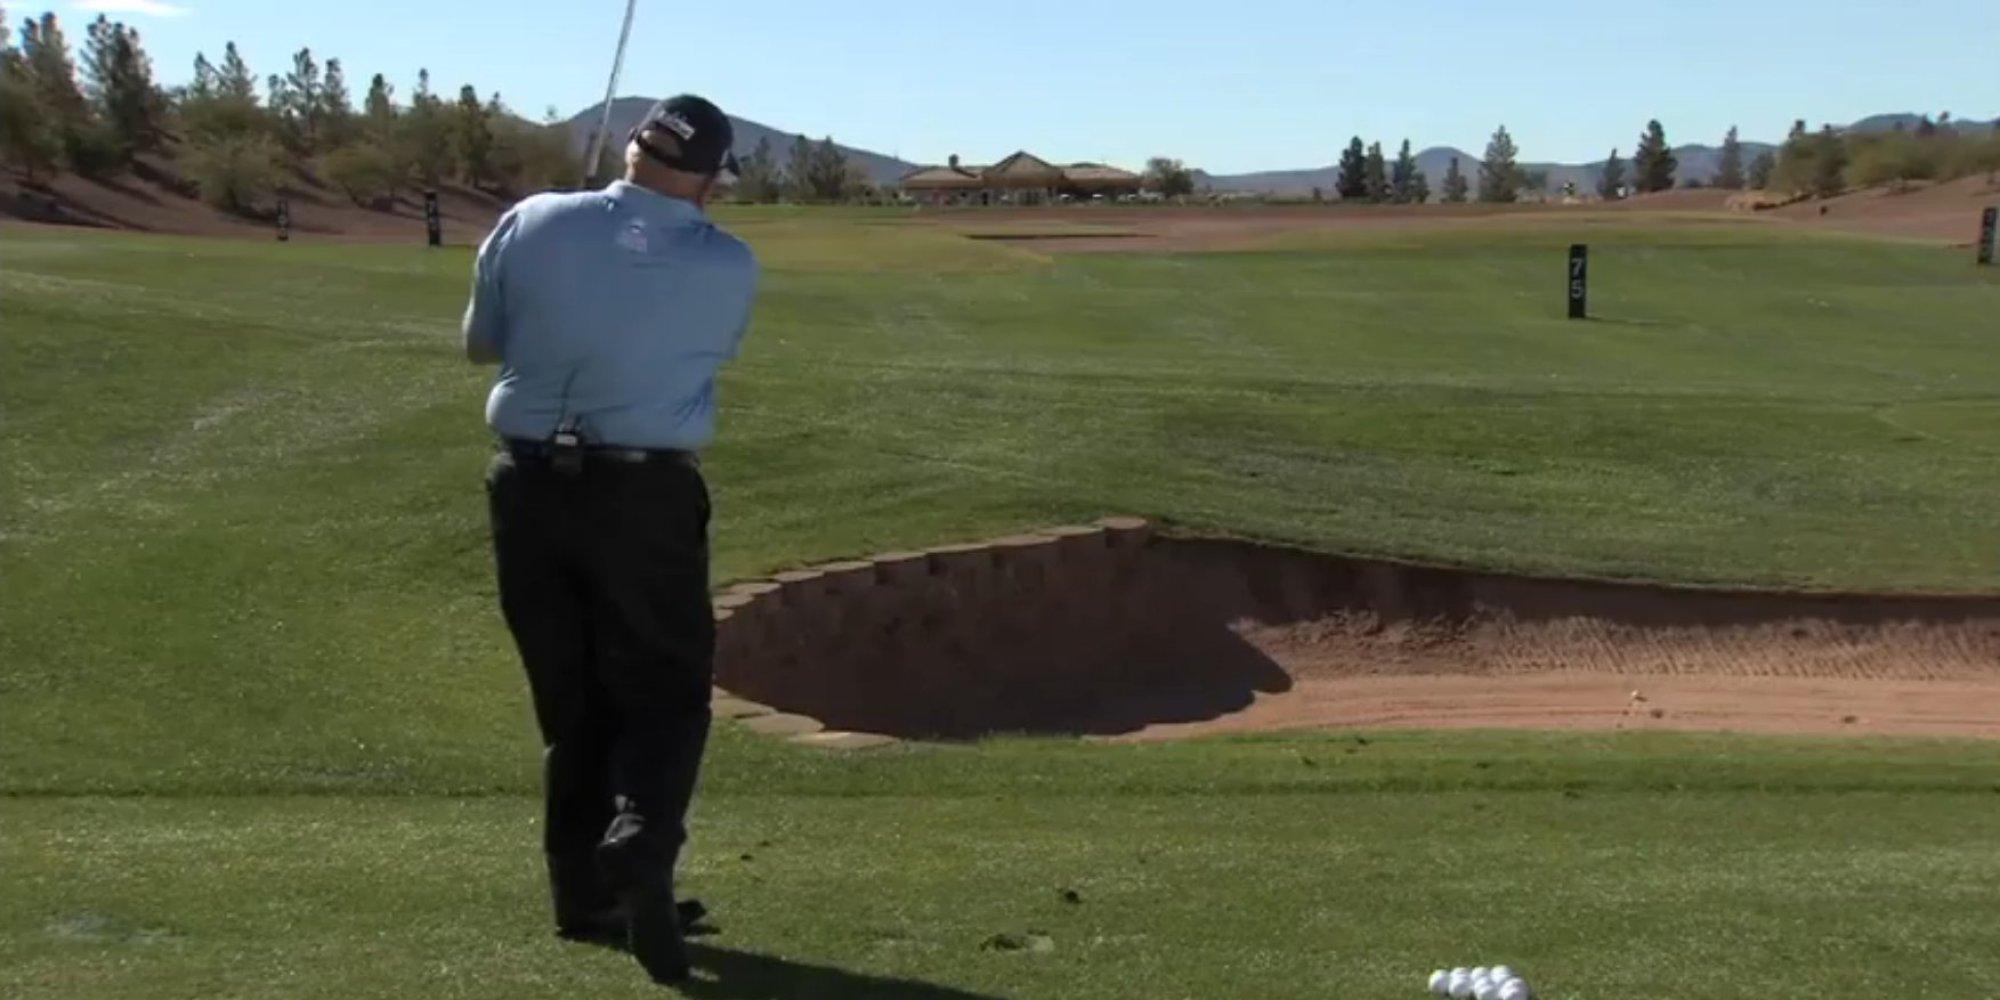 The World's Top Golf Teacher